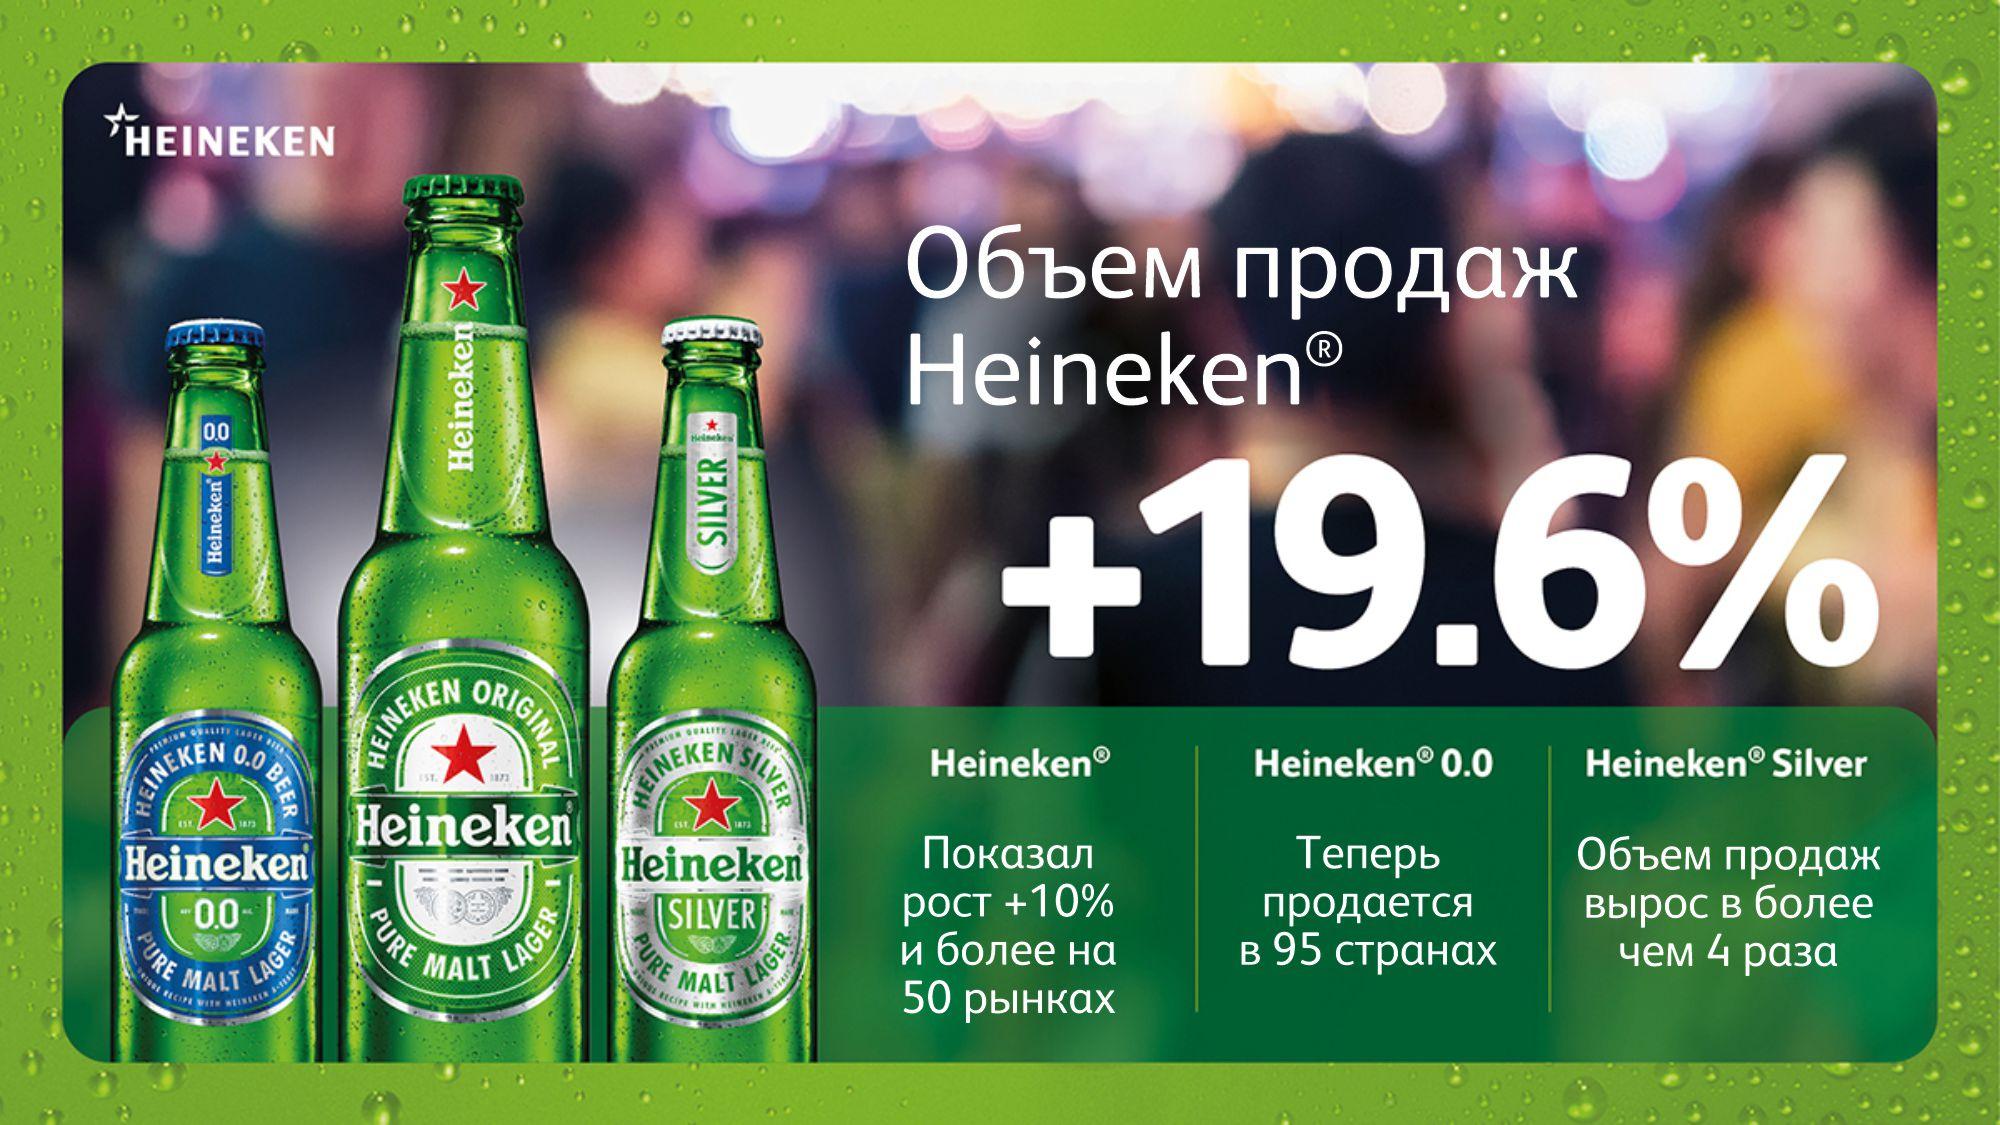 Результаты деятельности Heineken N.V. за первое полугодие 2021 г.